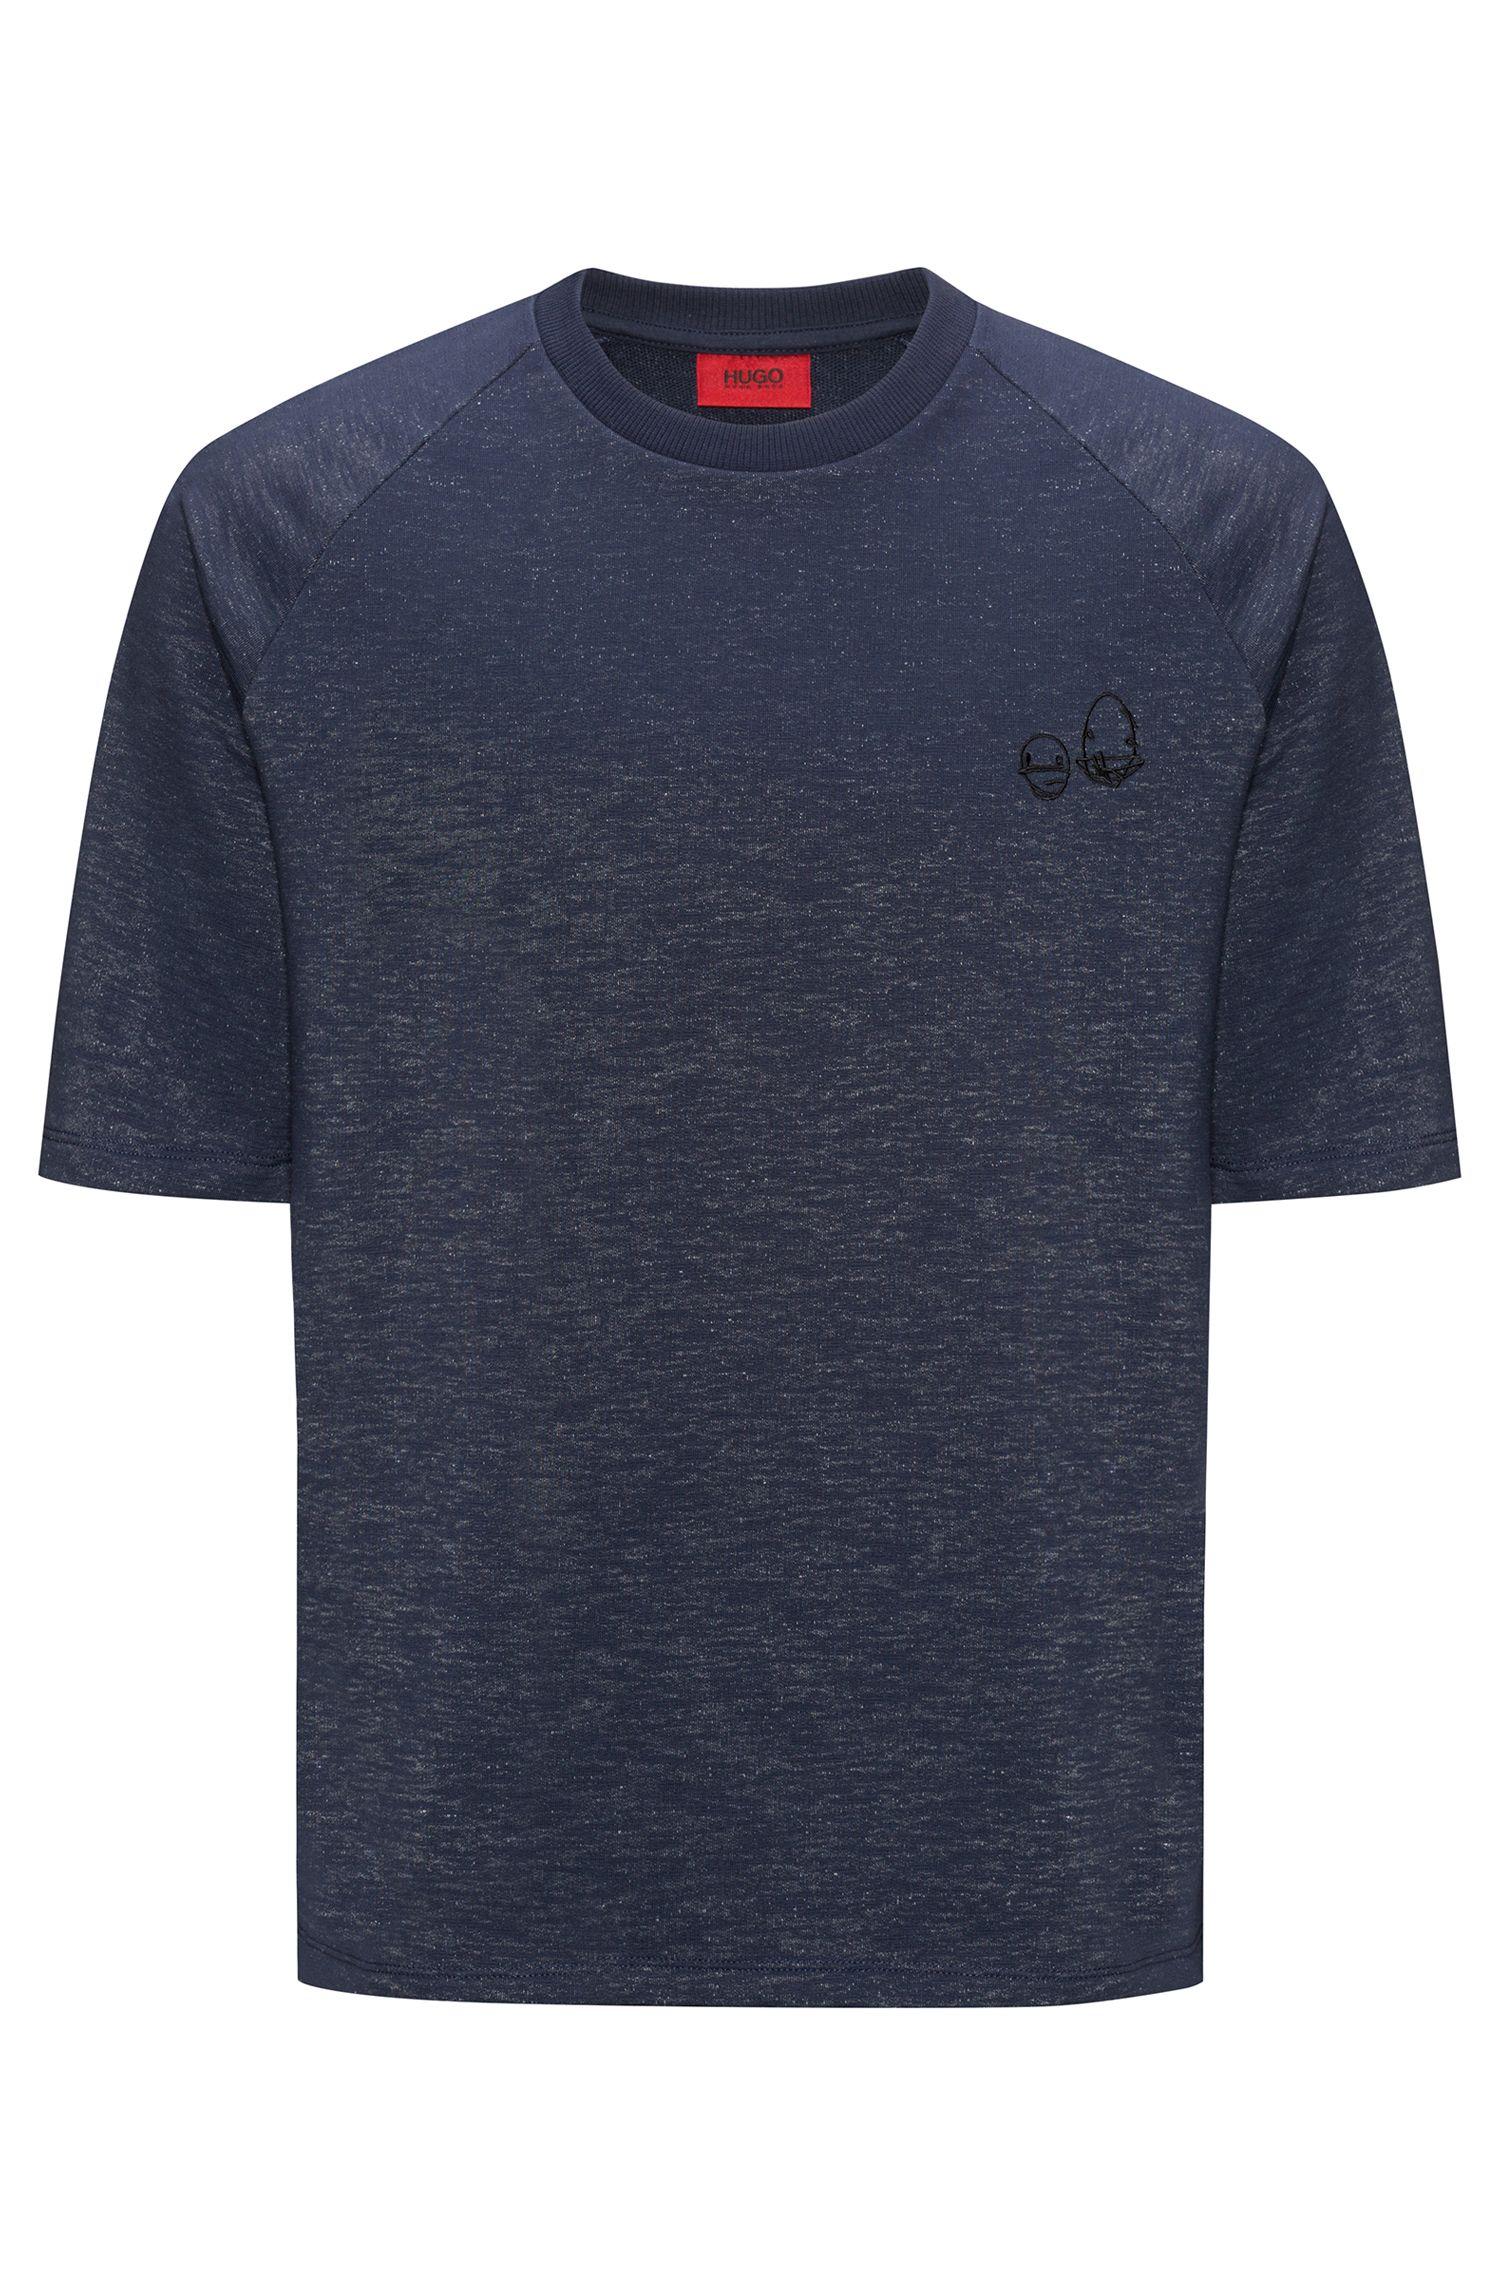 Sweatshirt aus Baumwoll-Mix mit kurzen Ärmeln